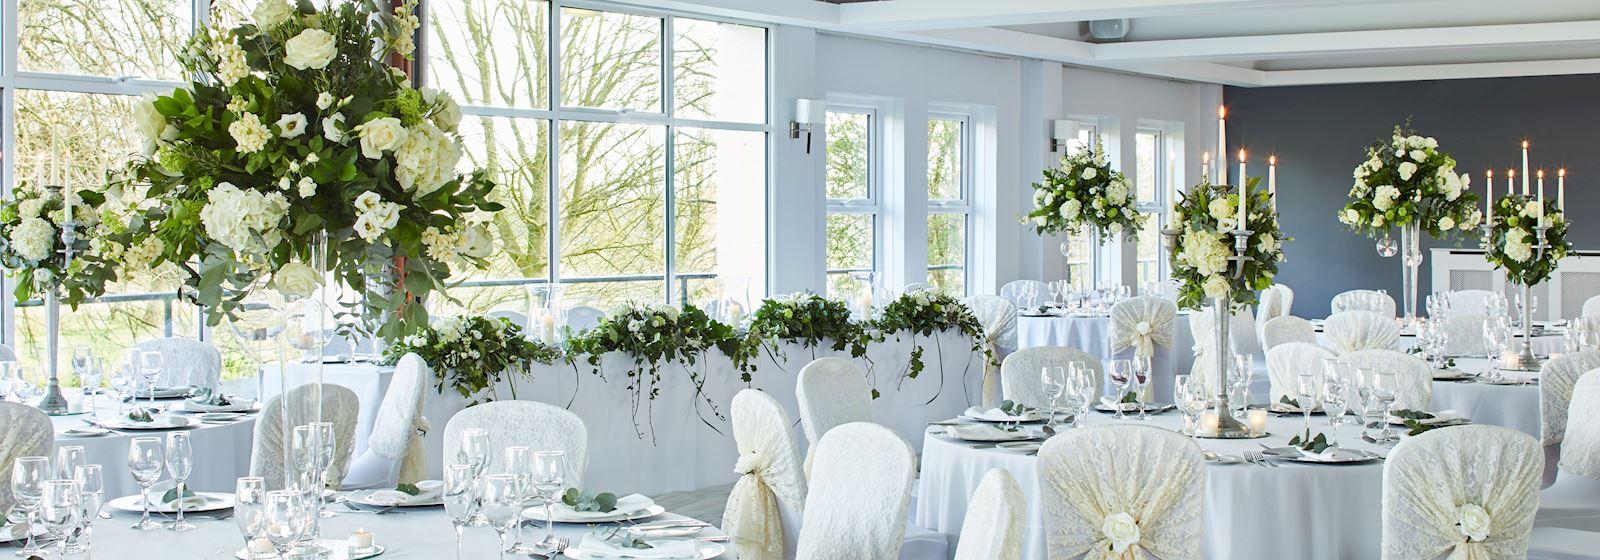 York Marriott Hotel Outdoor Wedding Ceremony